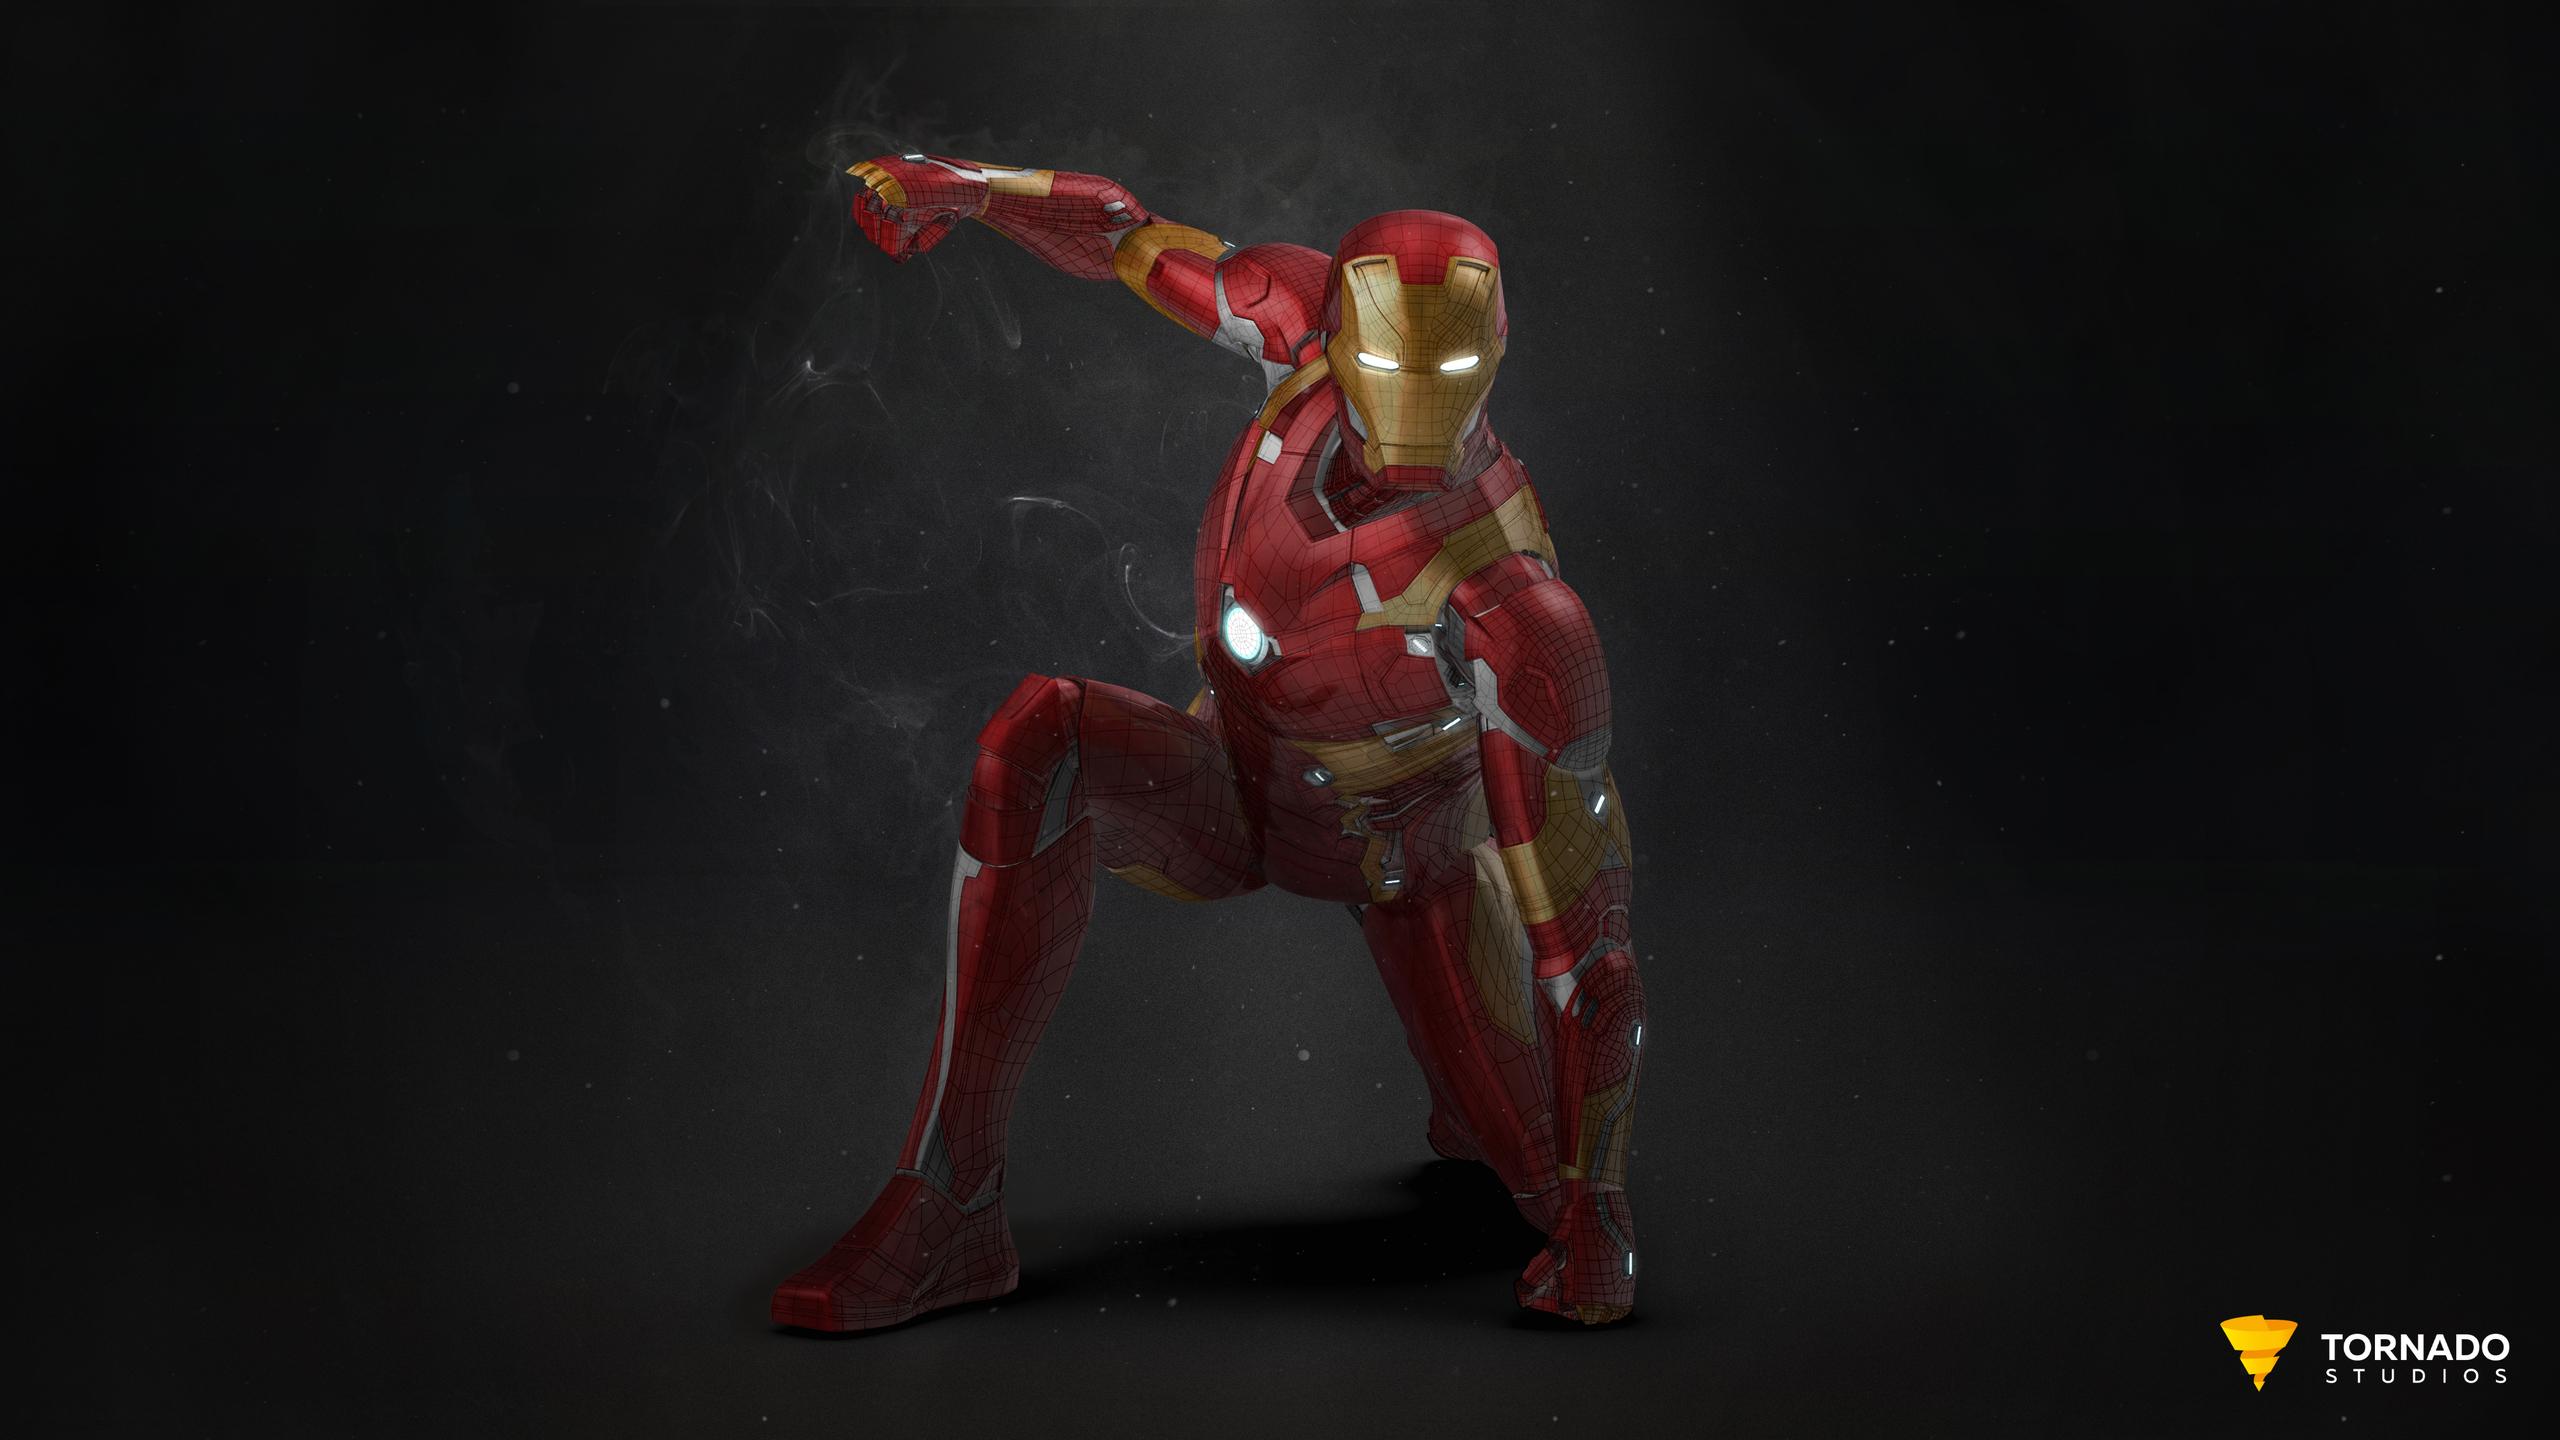 iron-man-making-artwork-36.jpg